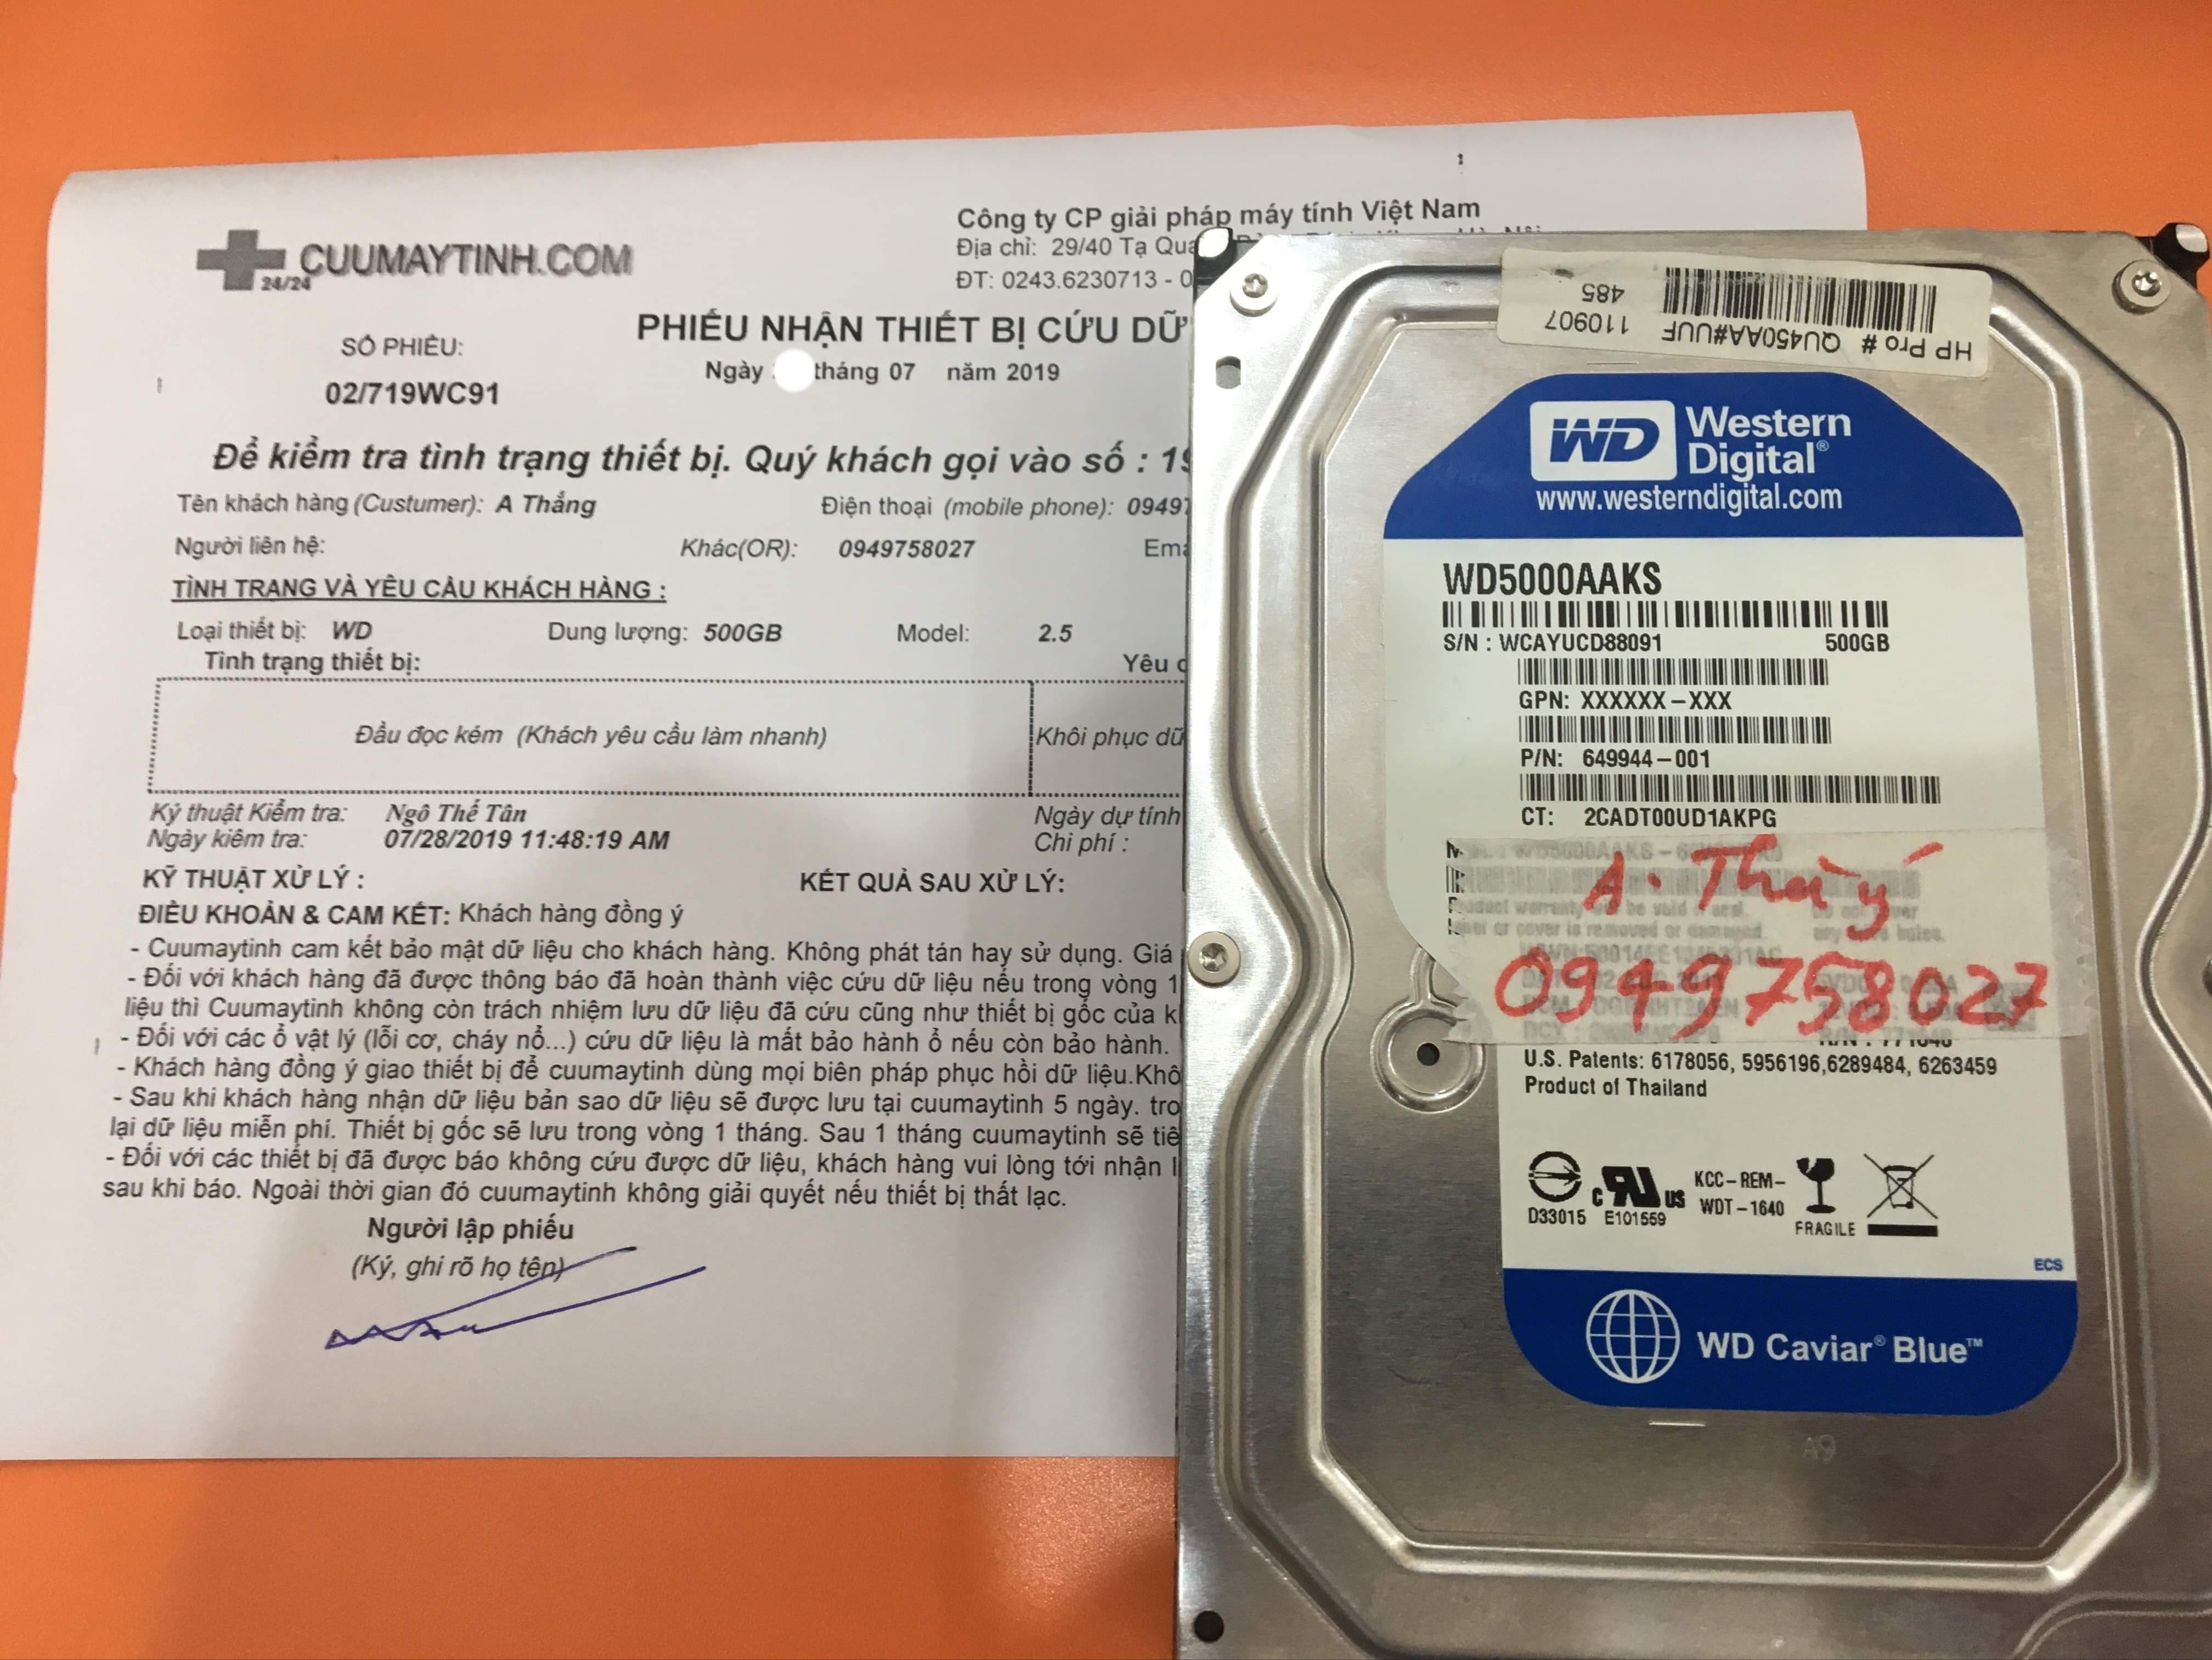 Lấy dữ liệu ổ cứng Western 500GB đầu đọc kém 29/07/2019 - cuumaytinh